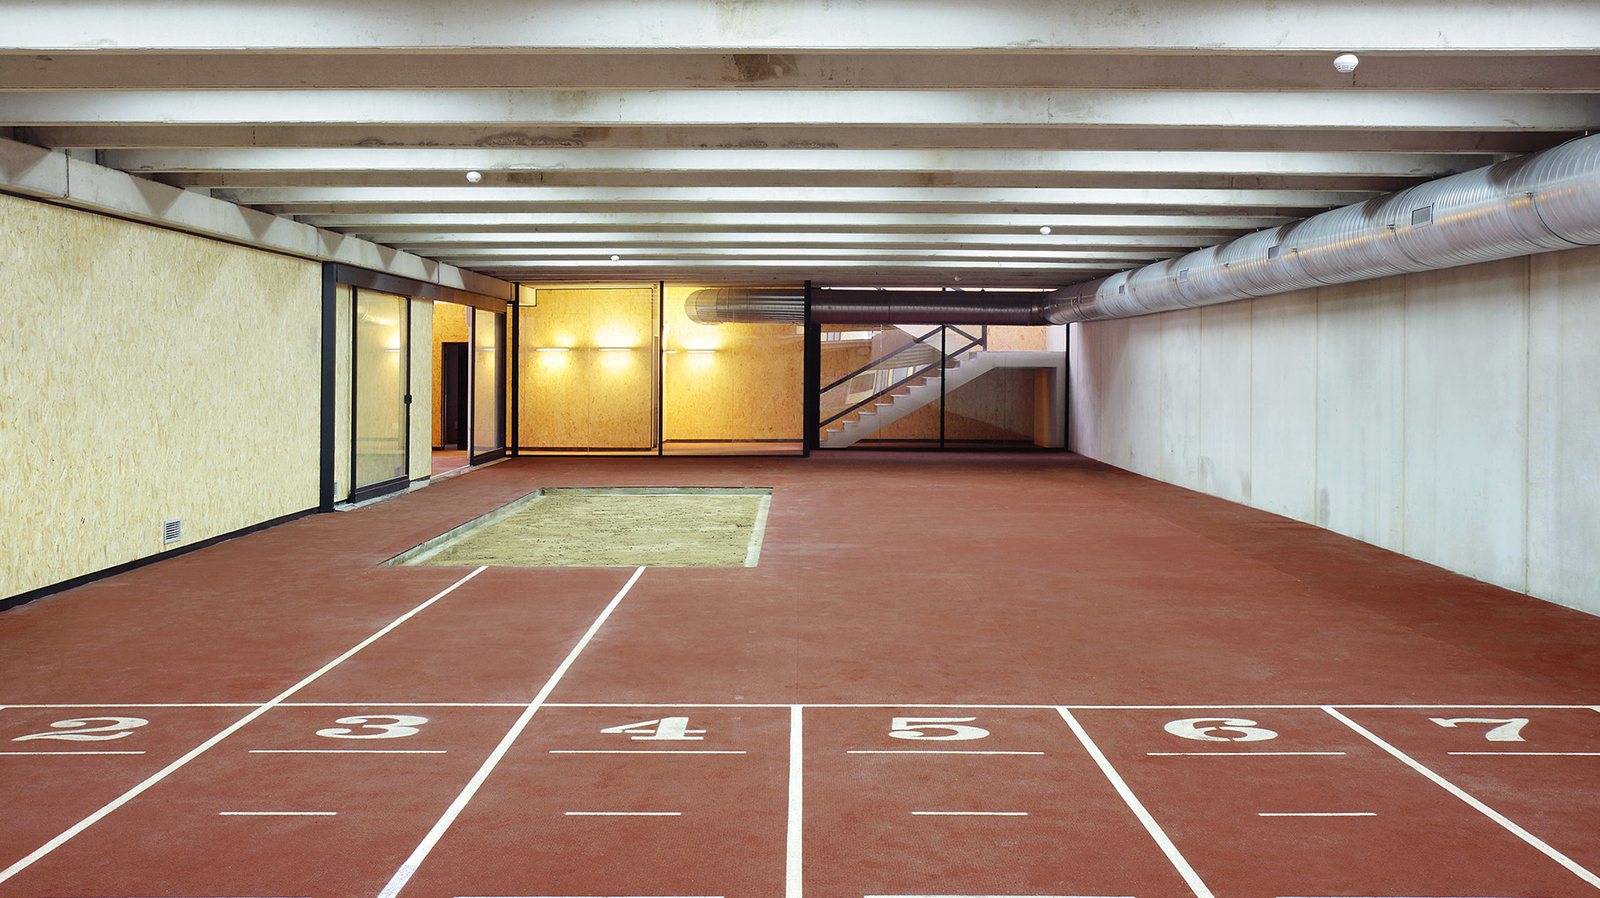 módulo interior de la pista de atletismo de calvià en Magaluf. Athletics track in Magaluf , Entrena atletismo en Mallorca , Athletics track in Mallorca